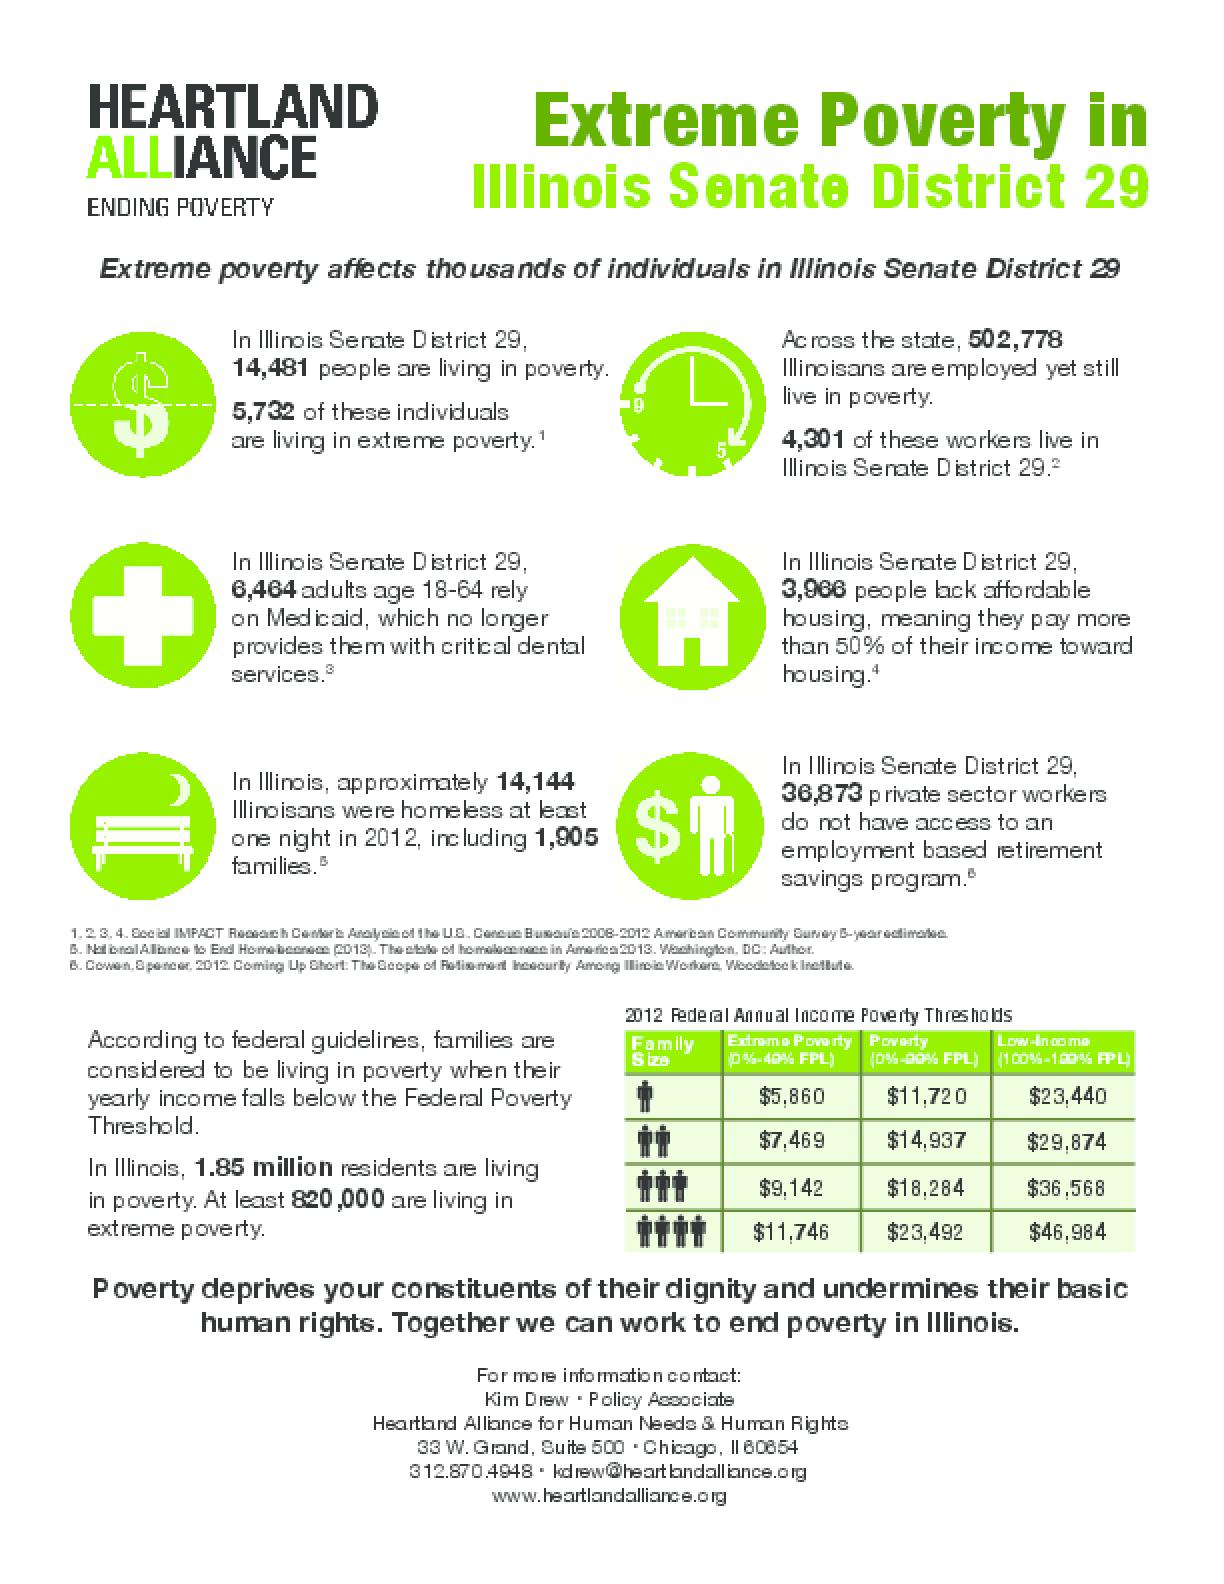 Poverty Fact Sheet for Illinois Senate District 29